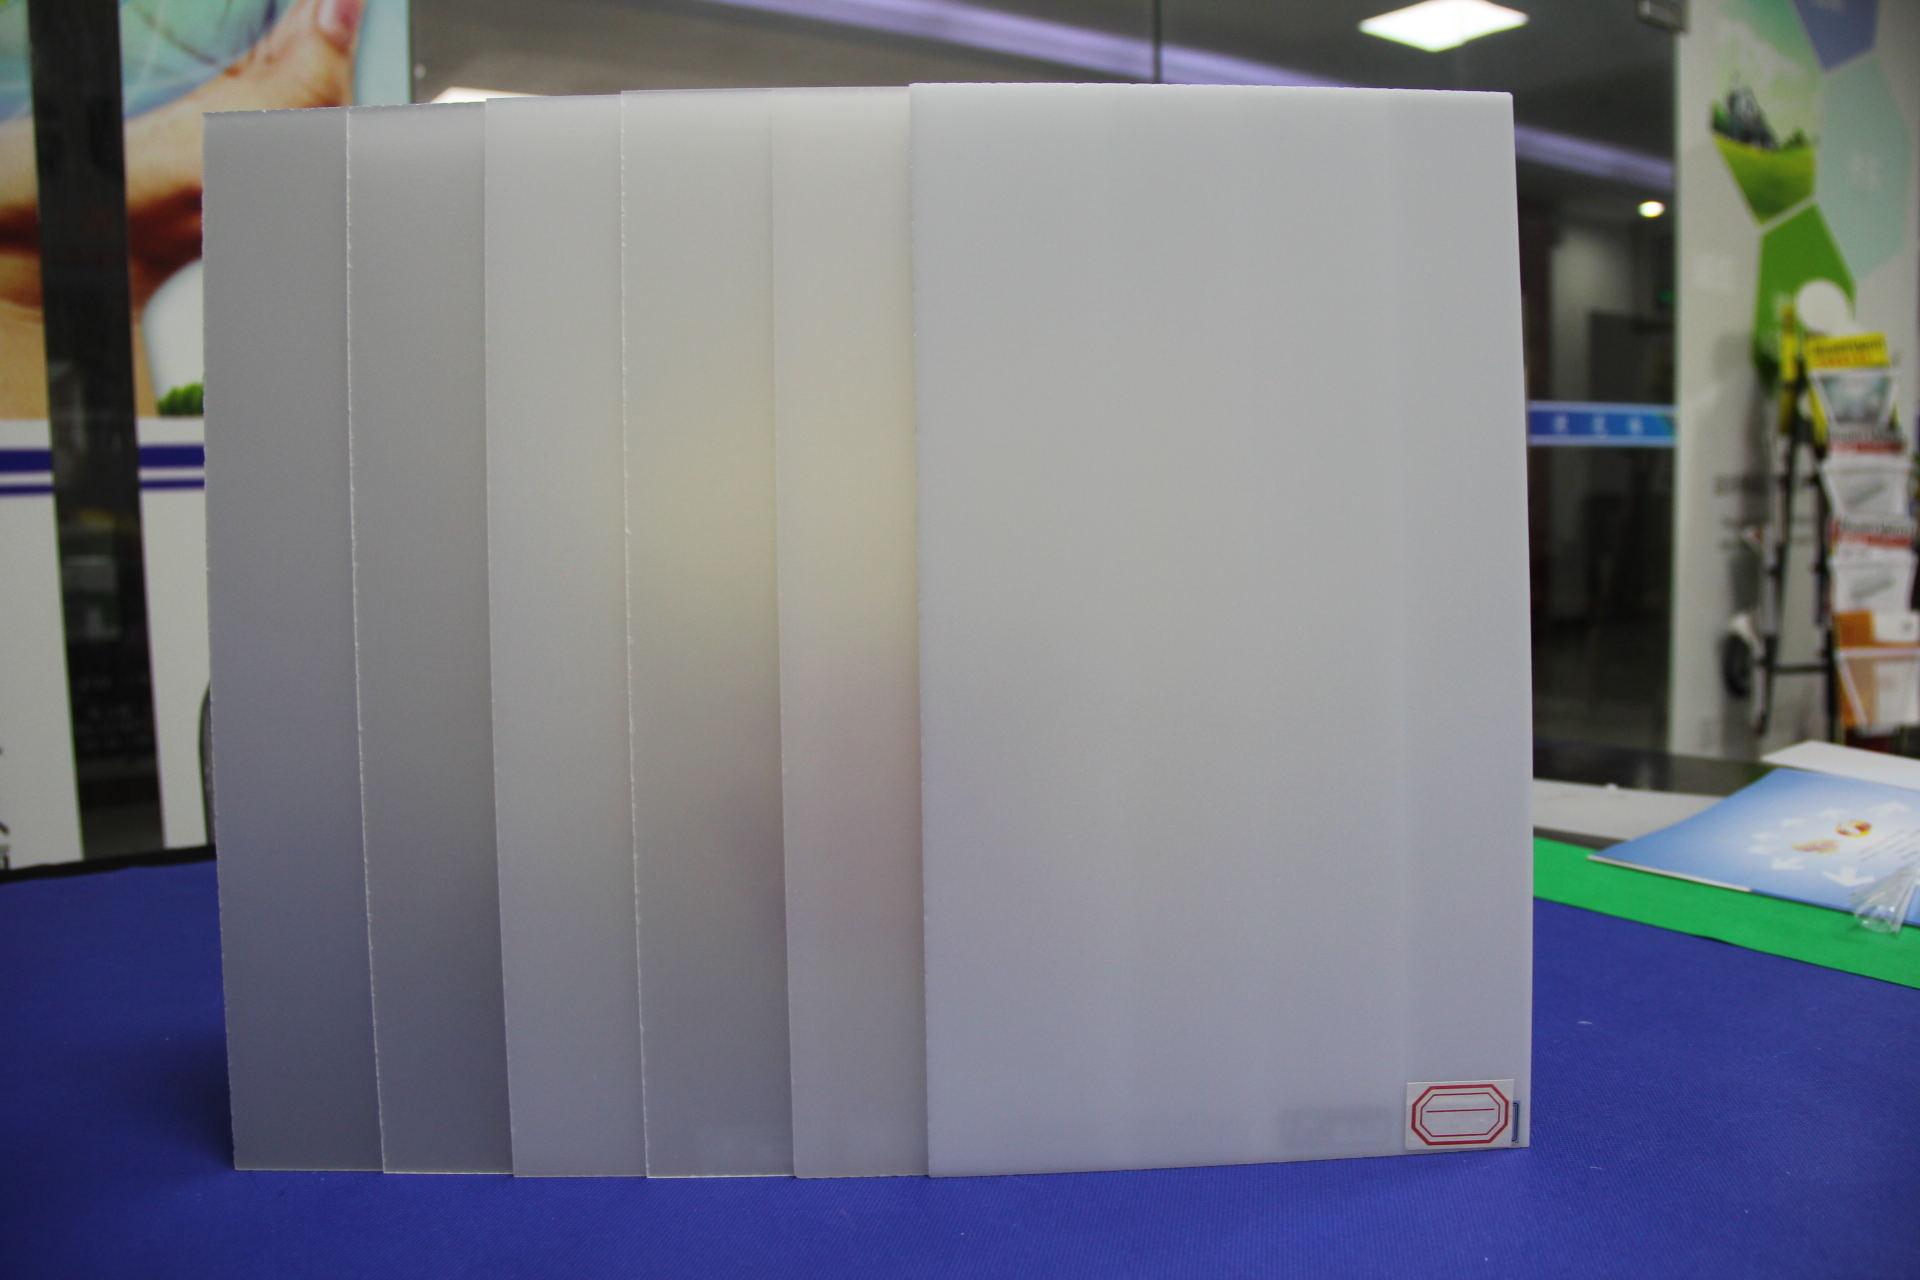 供应用于面板灯|扩散板|防眩光扩散板的蜂窝倒椎体UGR《19扩散板